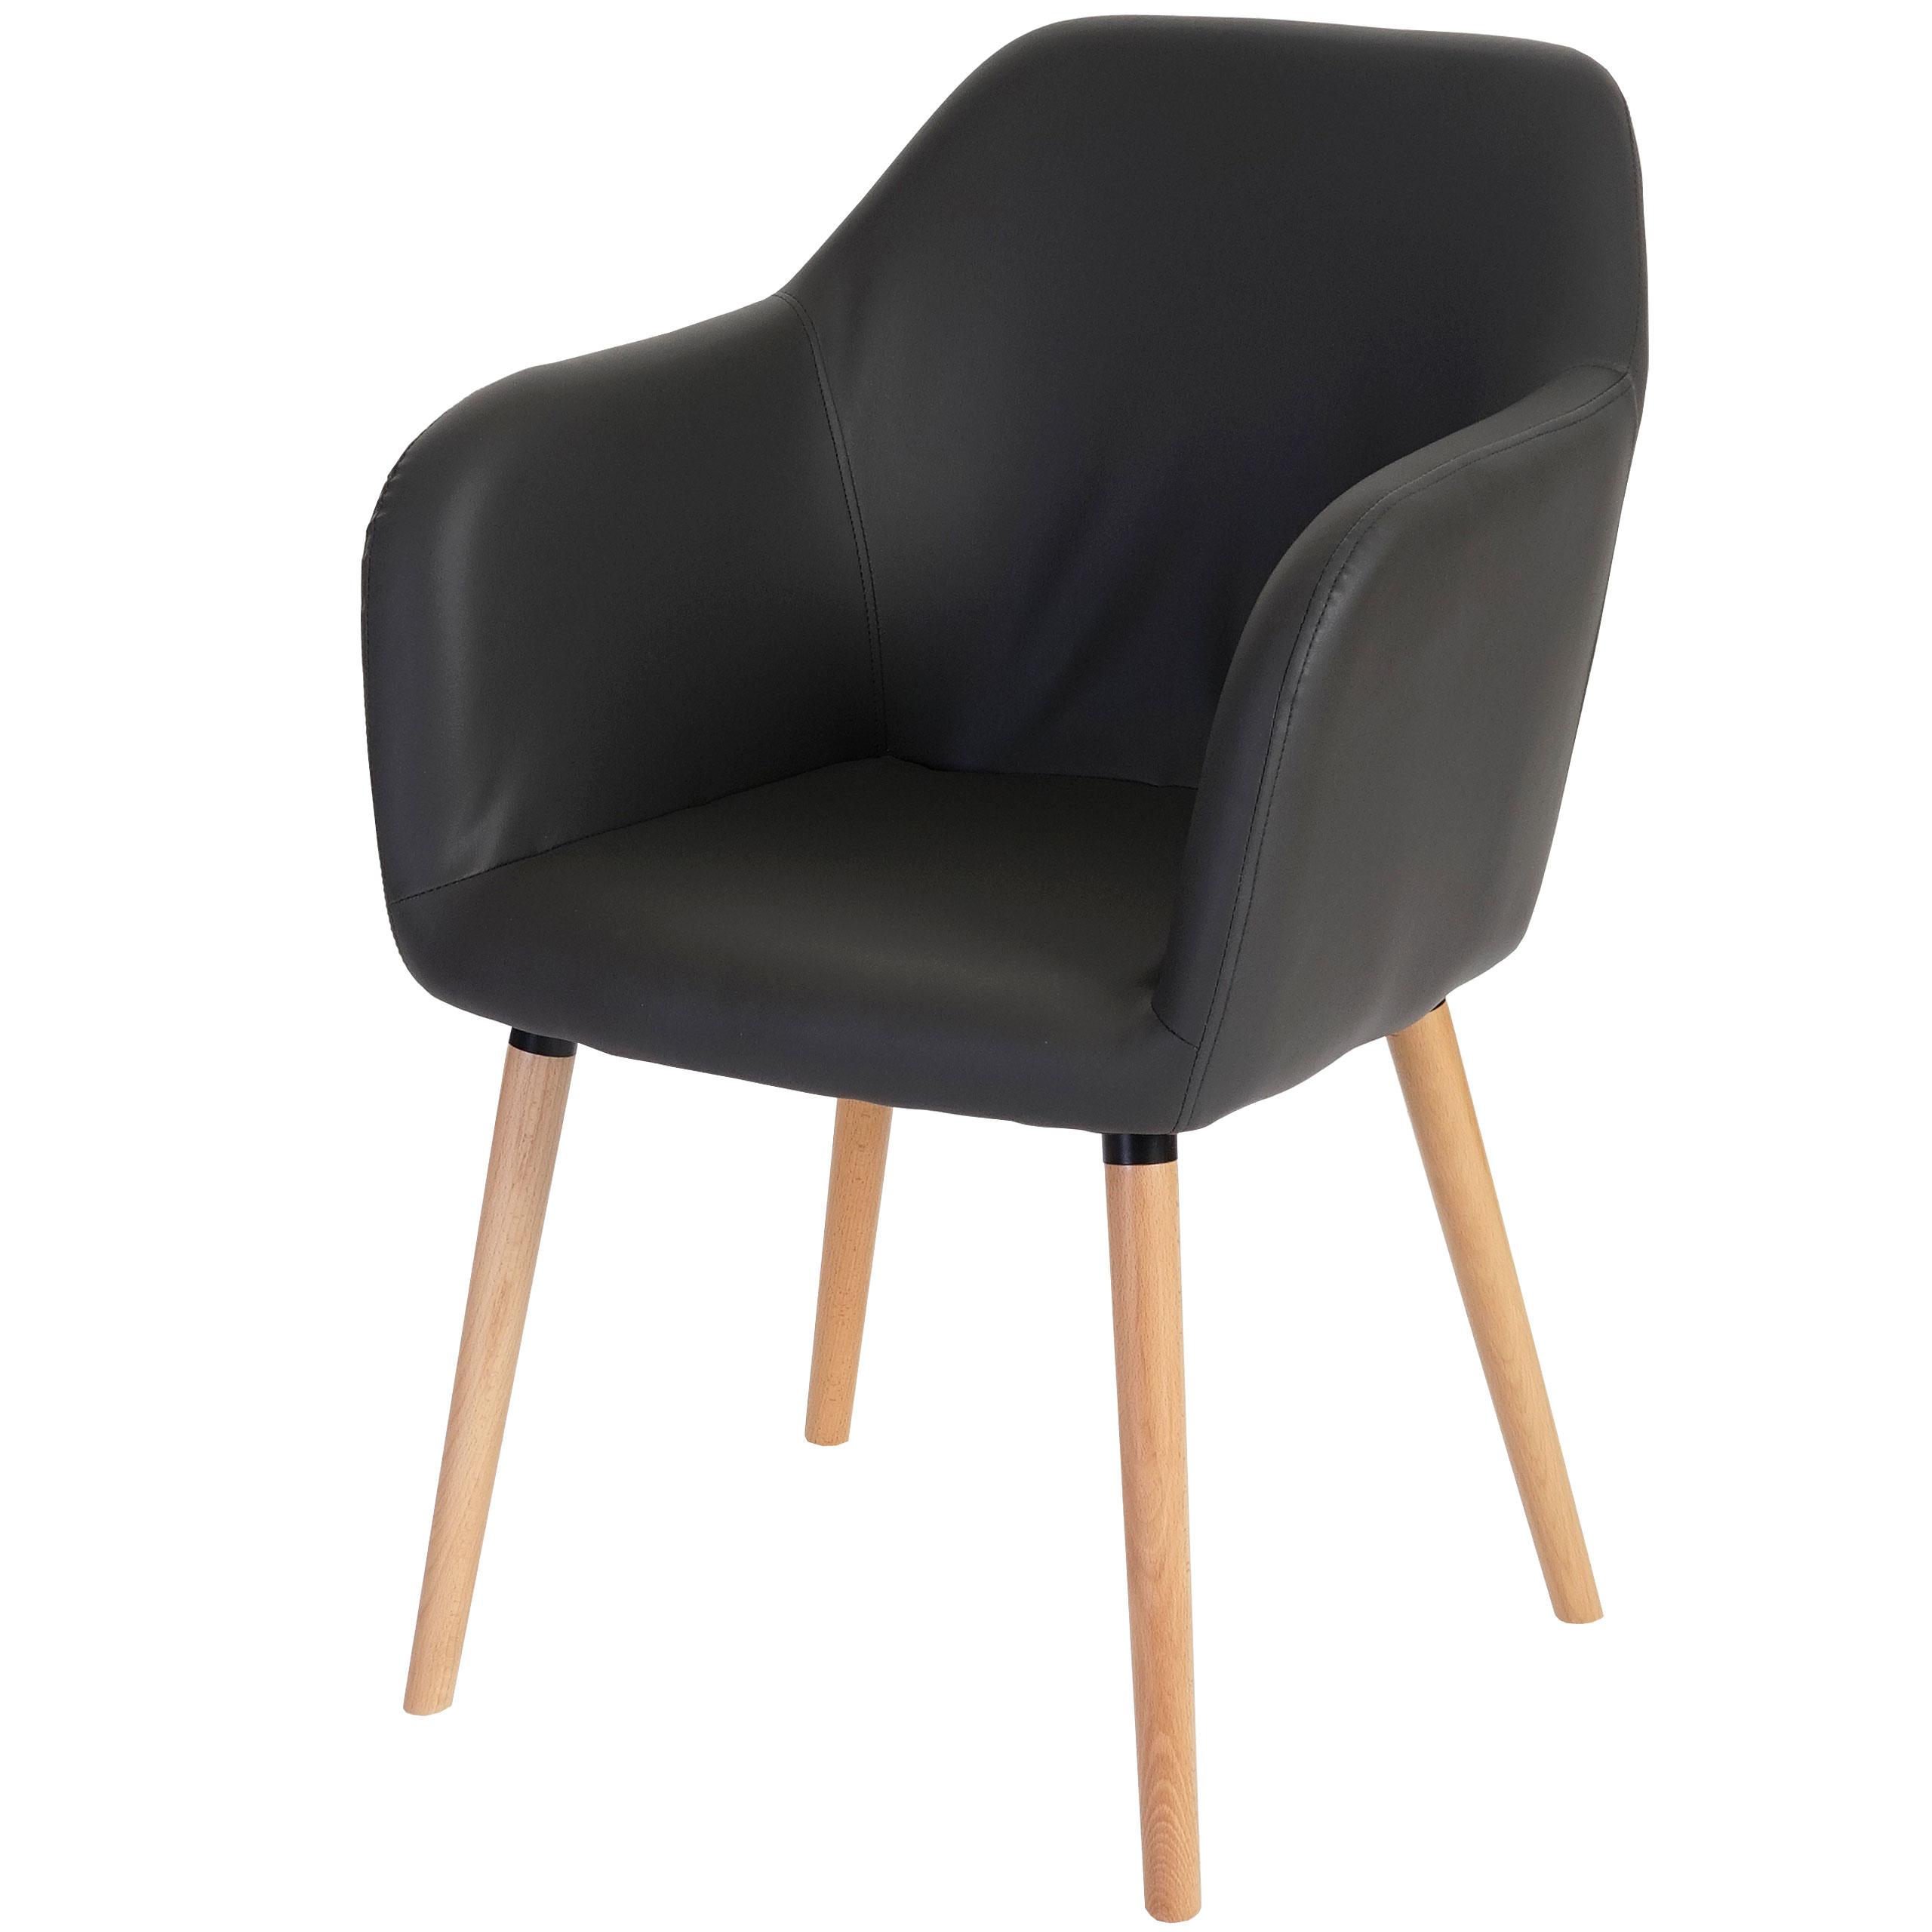 esszimmerstuhl malm t381 stuhl lehnstuhl retro 50er jahre design kunstleder grau. Black Bedroom Furniture Sets. Home Design Ideas